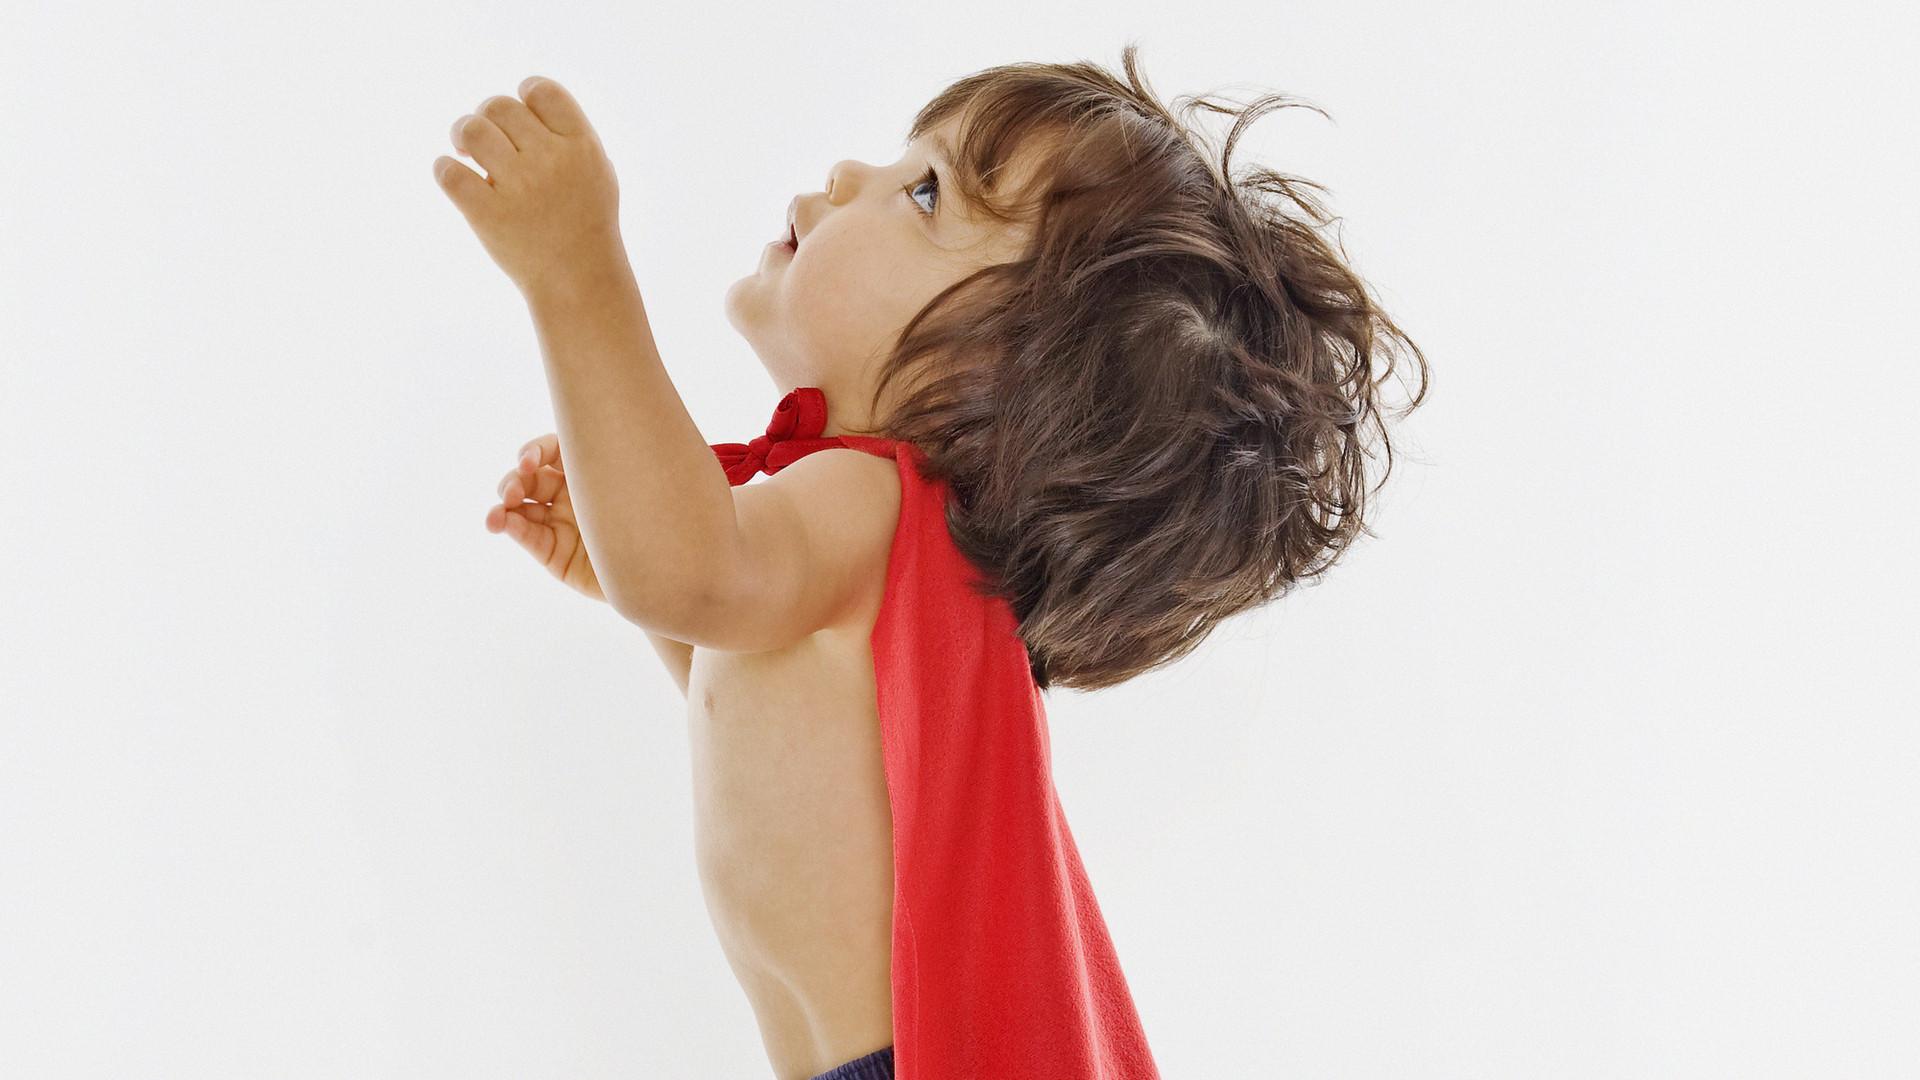 パパ、スーパー戦隊は仕事なの?「スーパー戦隊と人材採用」